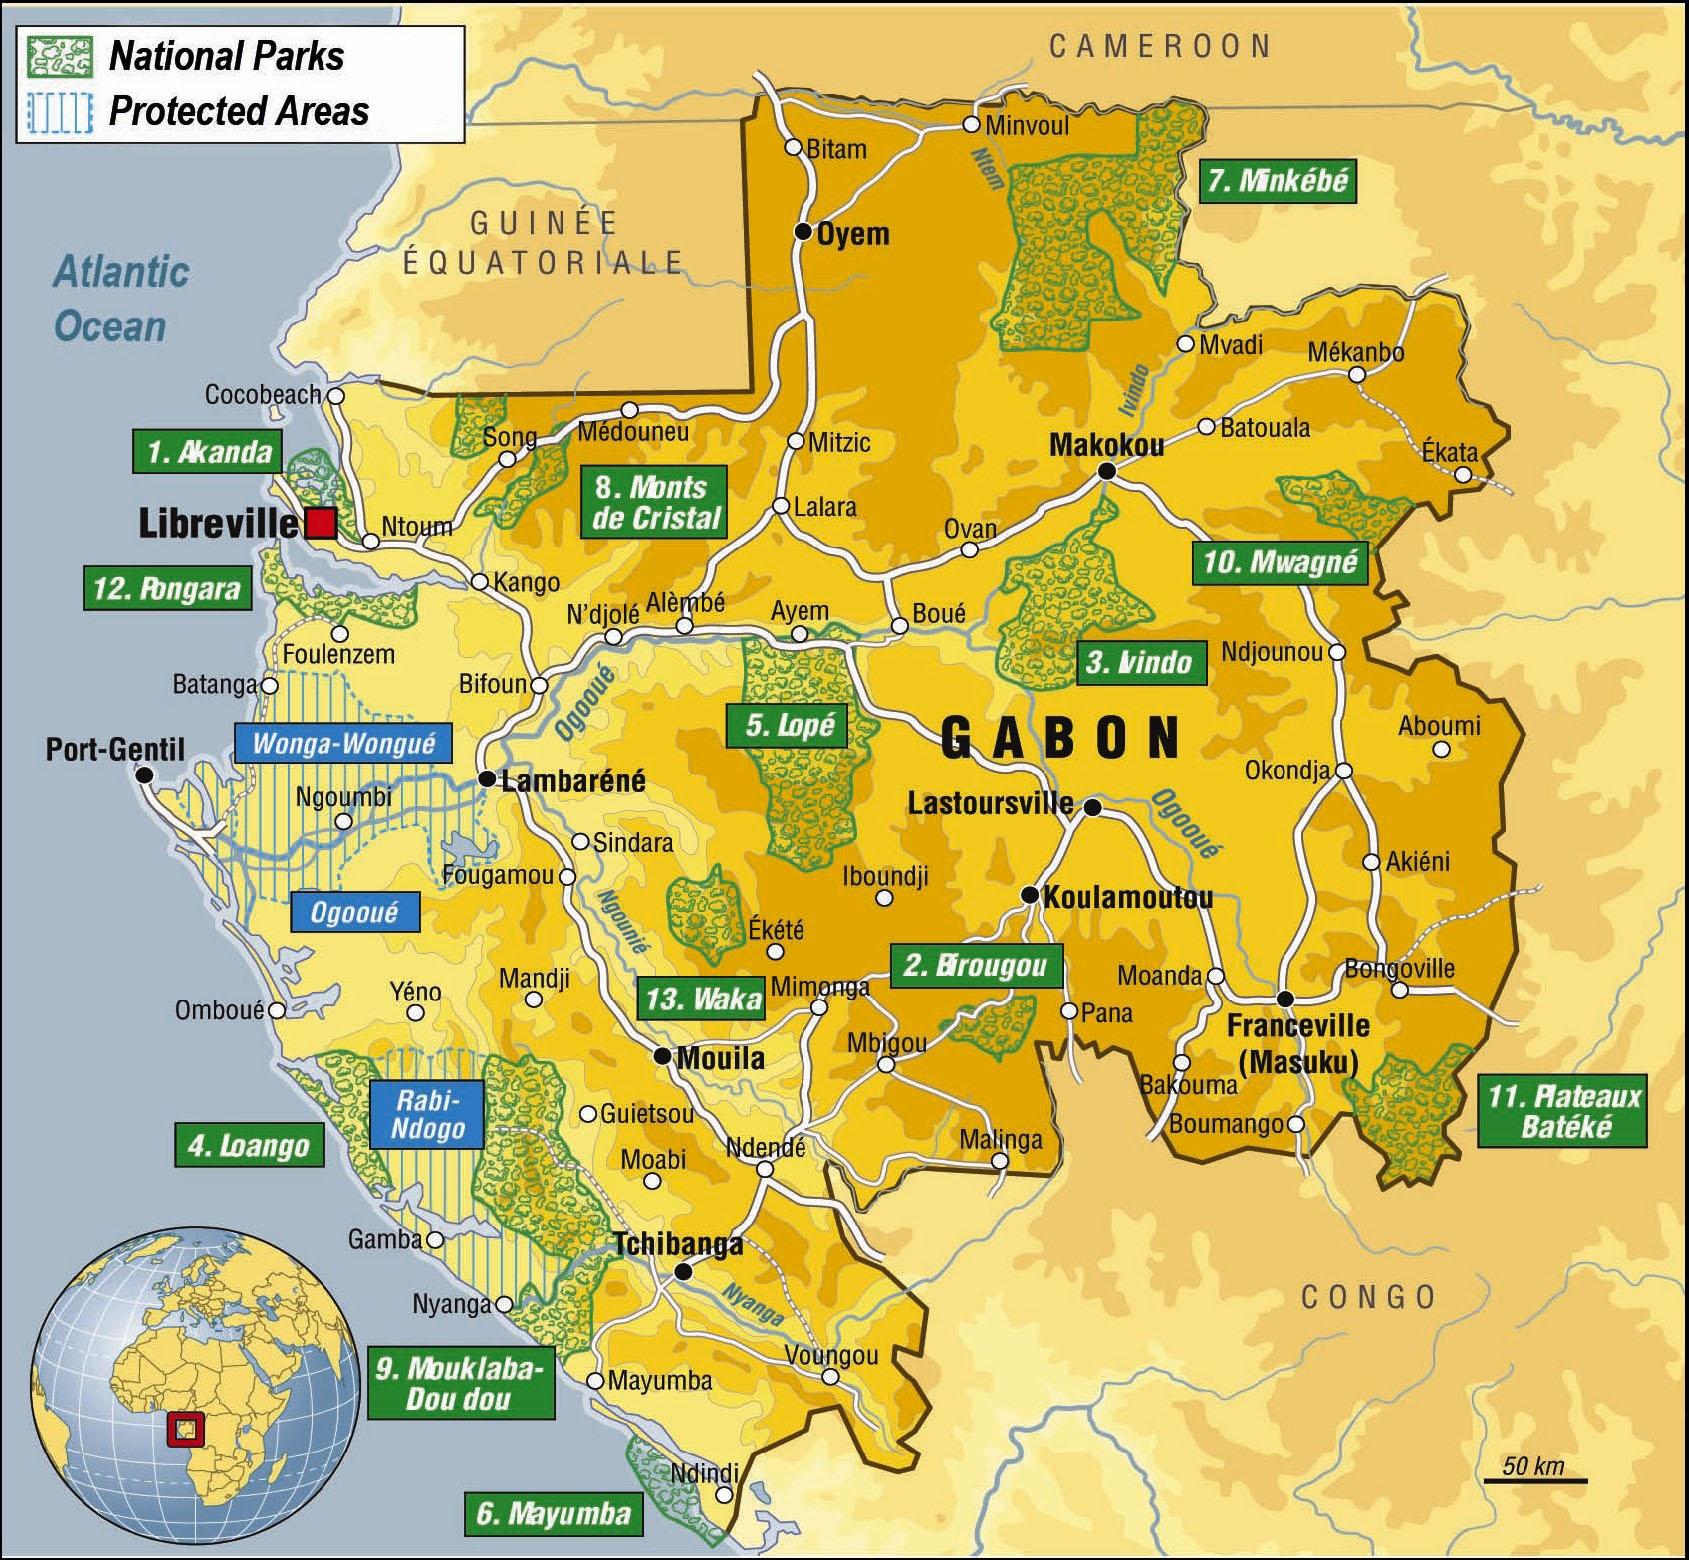 Gabon National Park Map Gabon Africa mappery